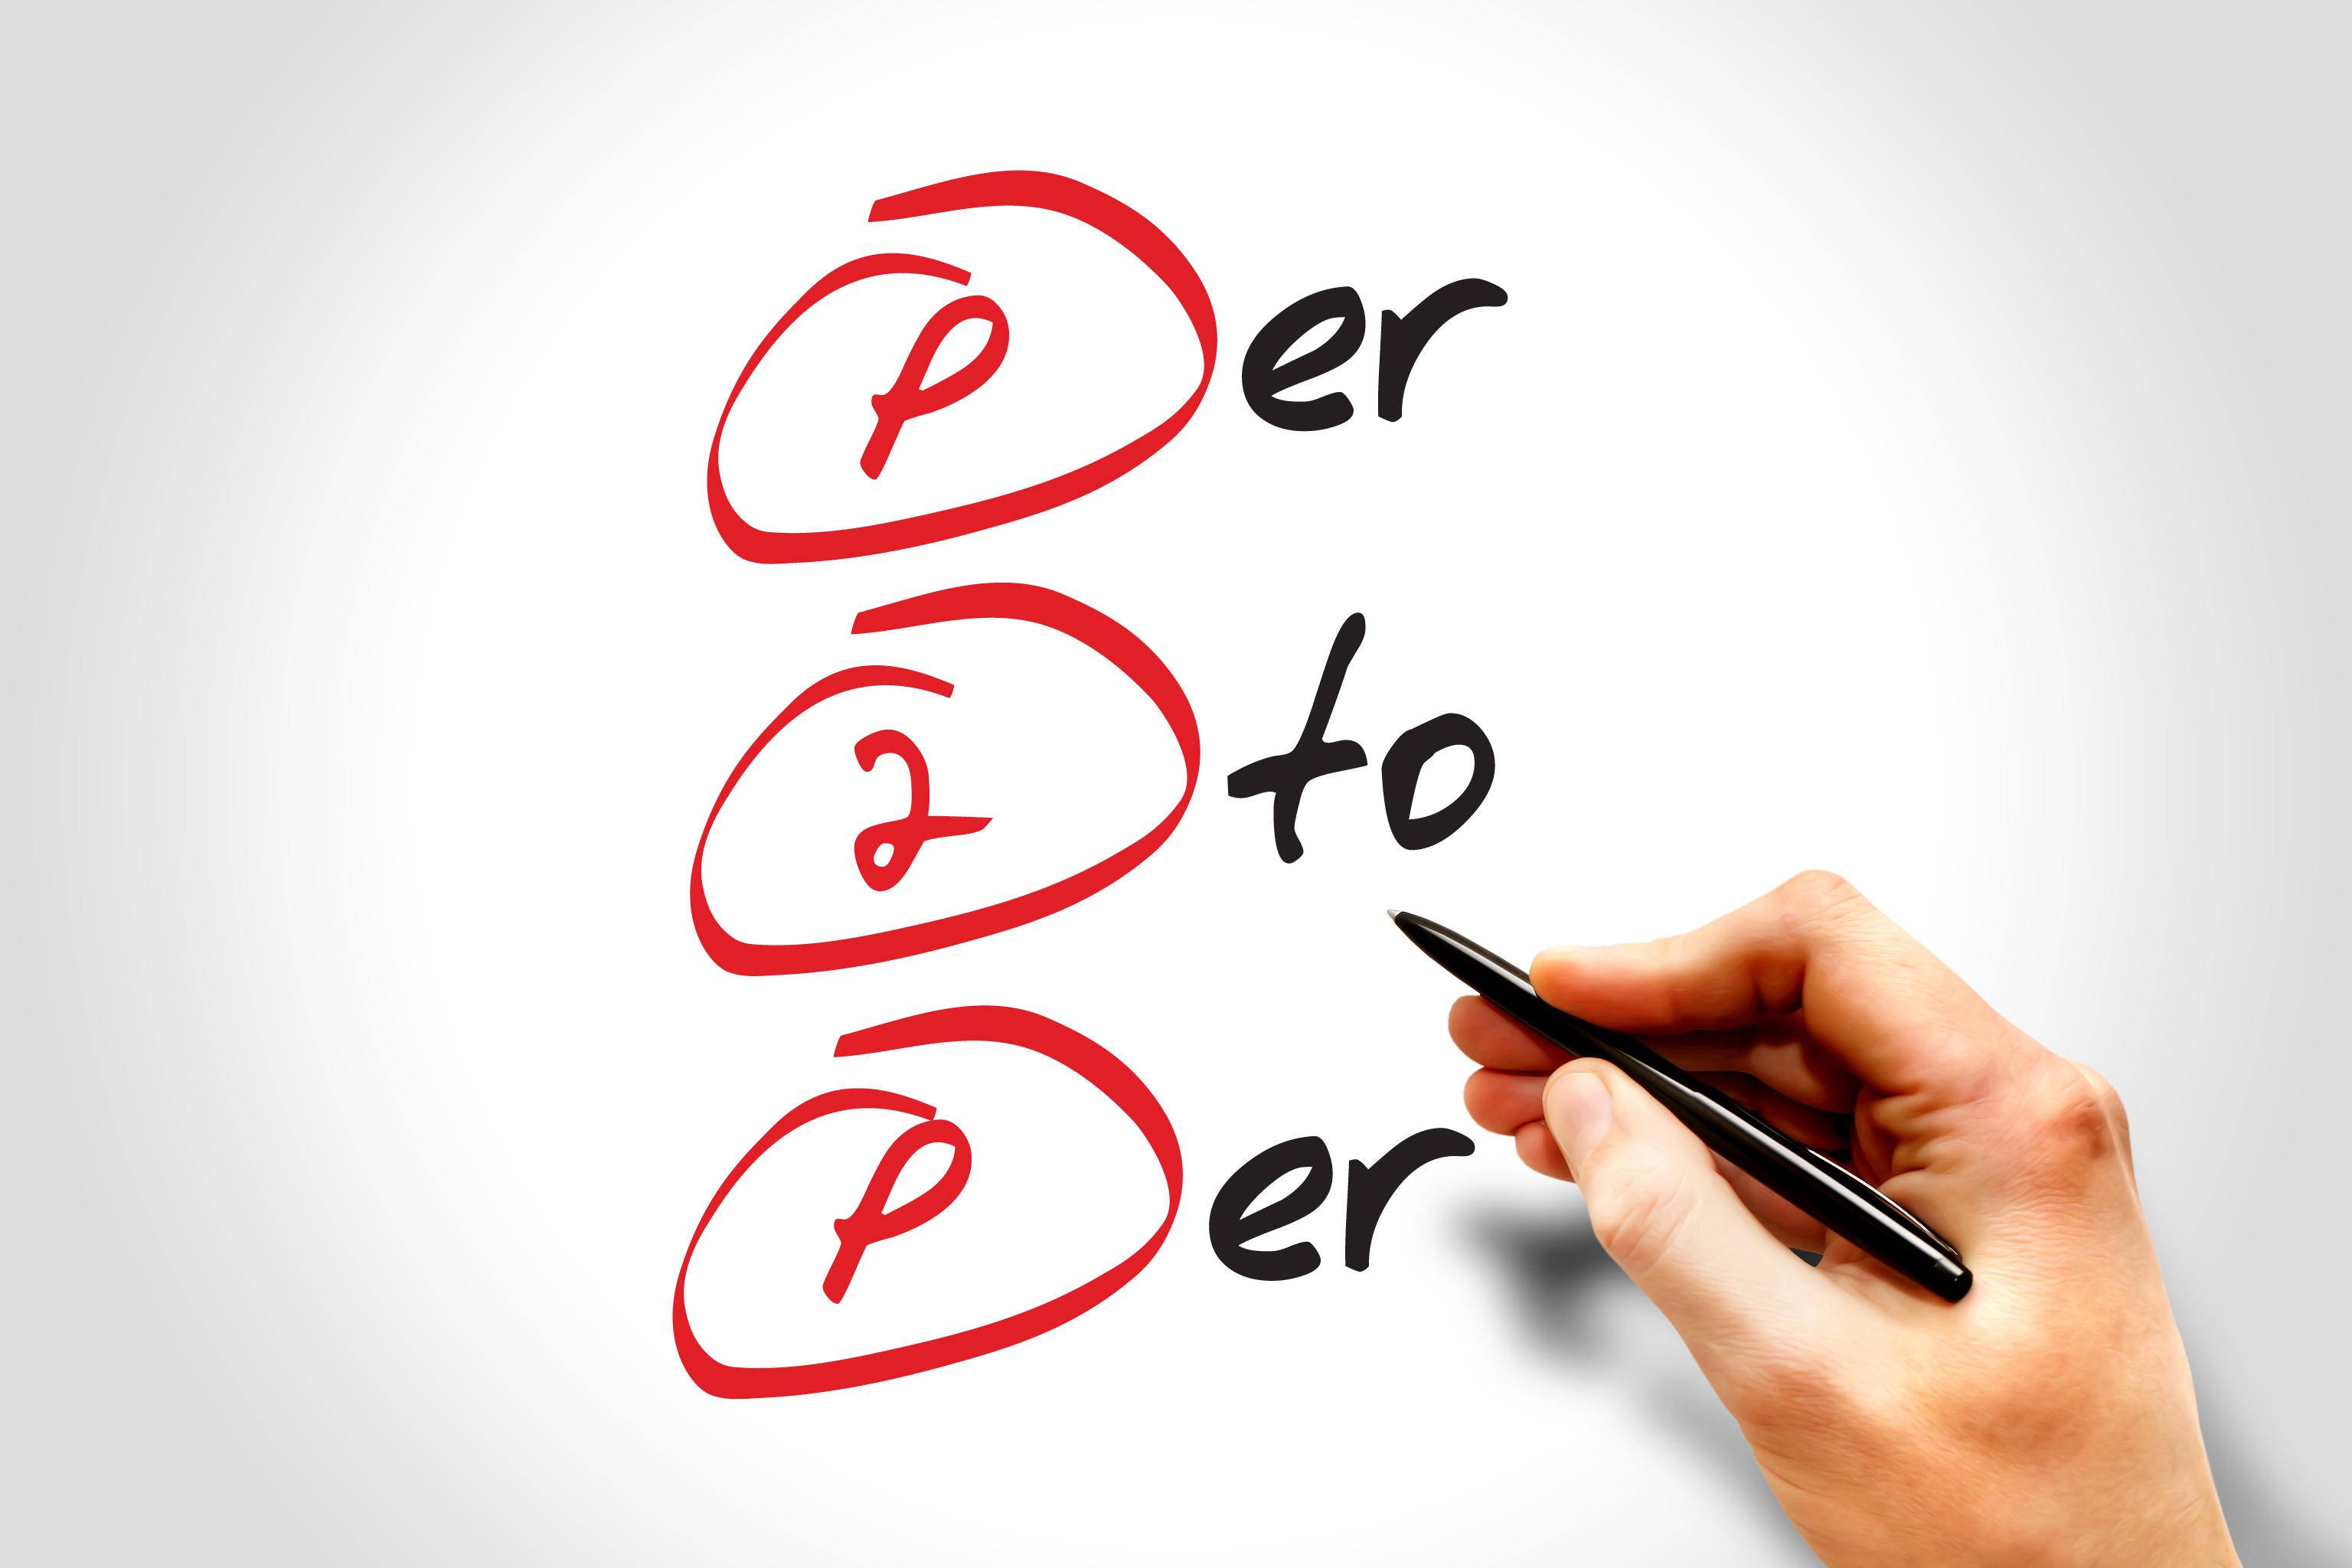 peer2peer.jpg